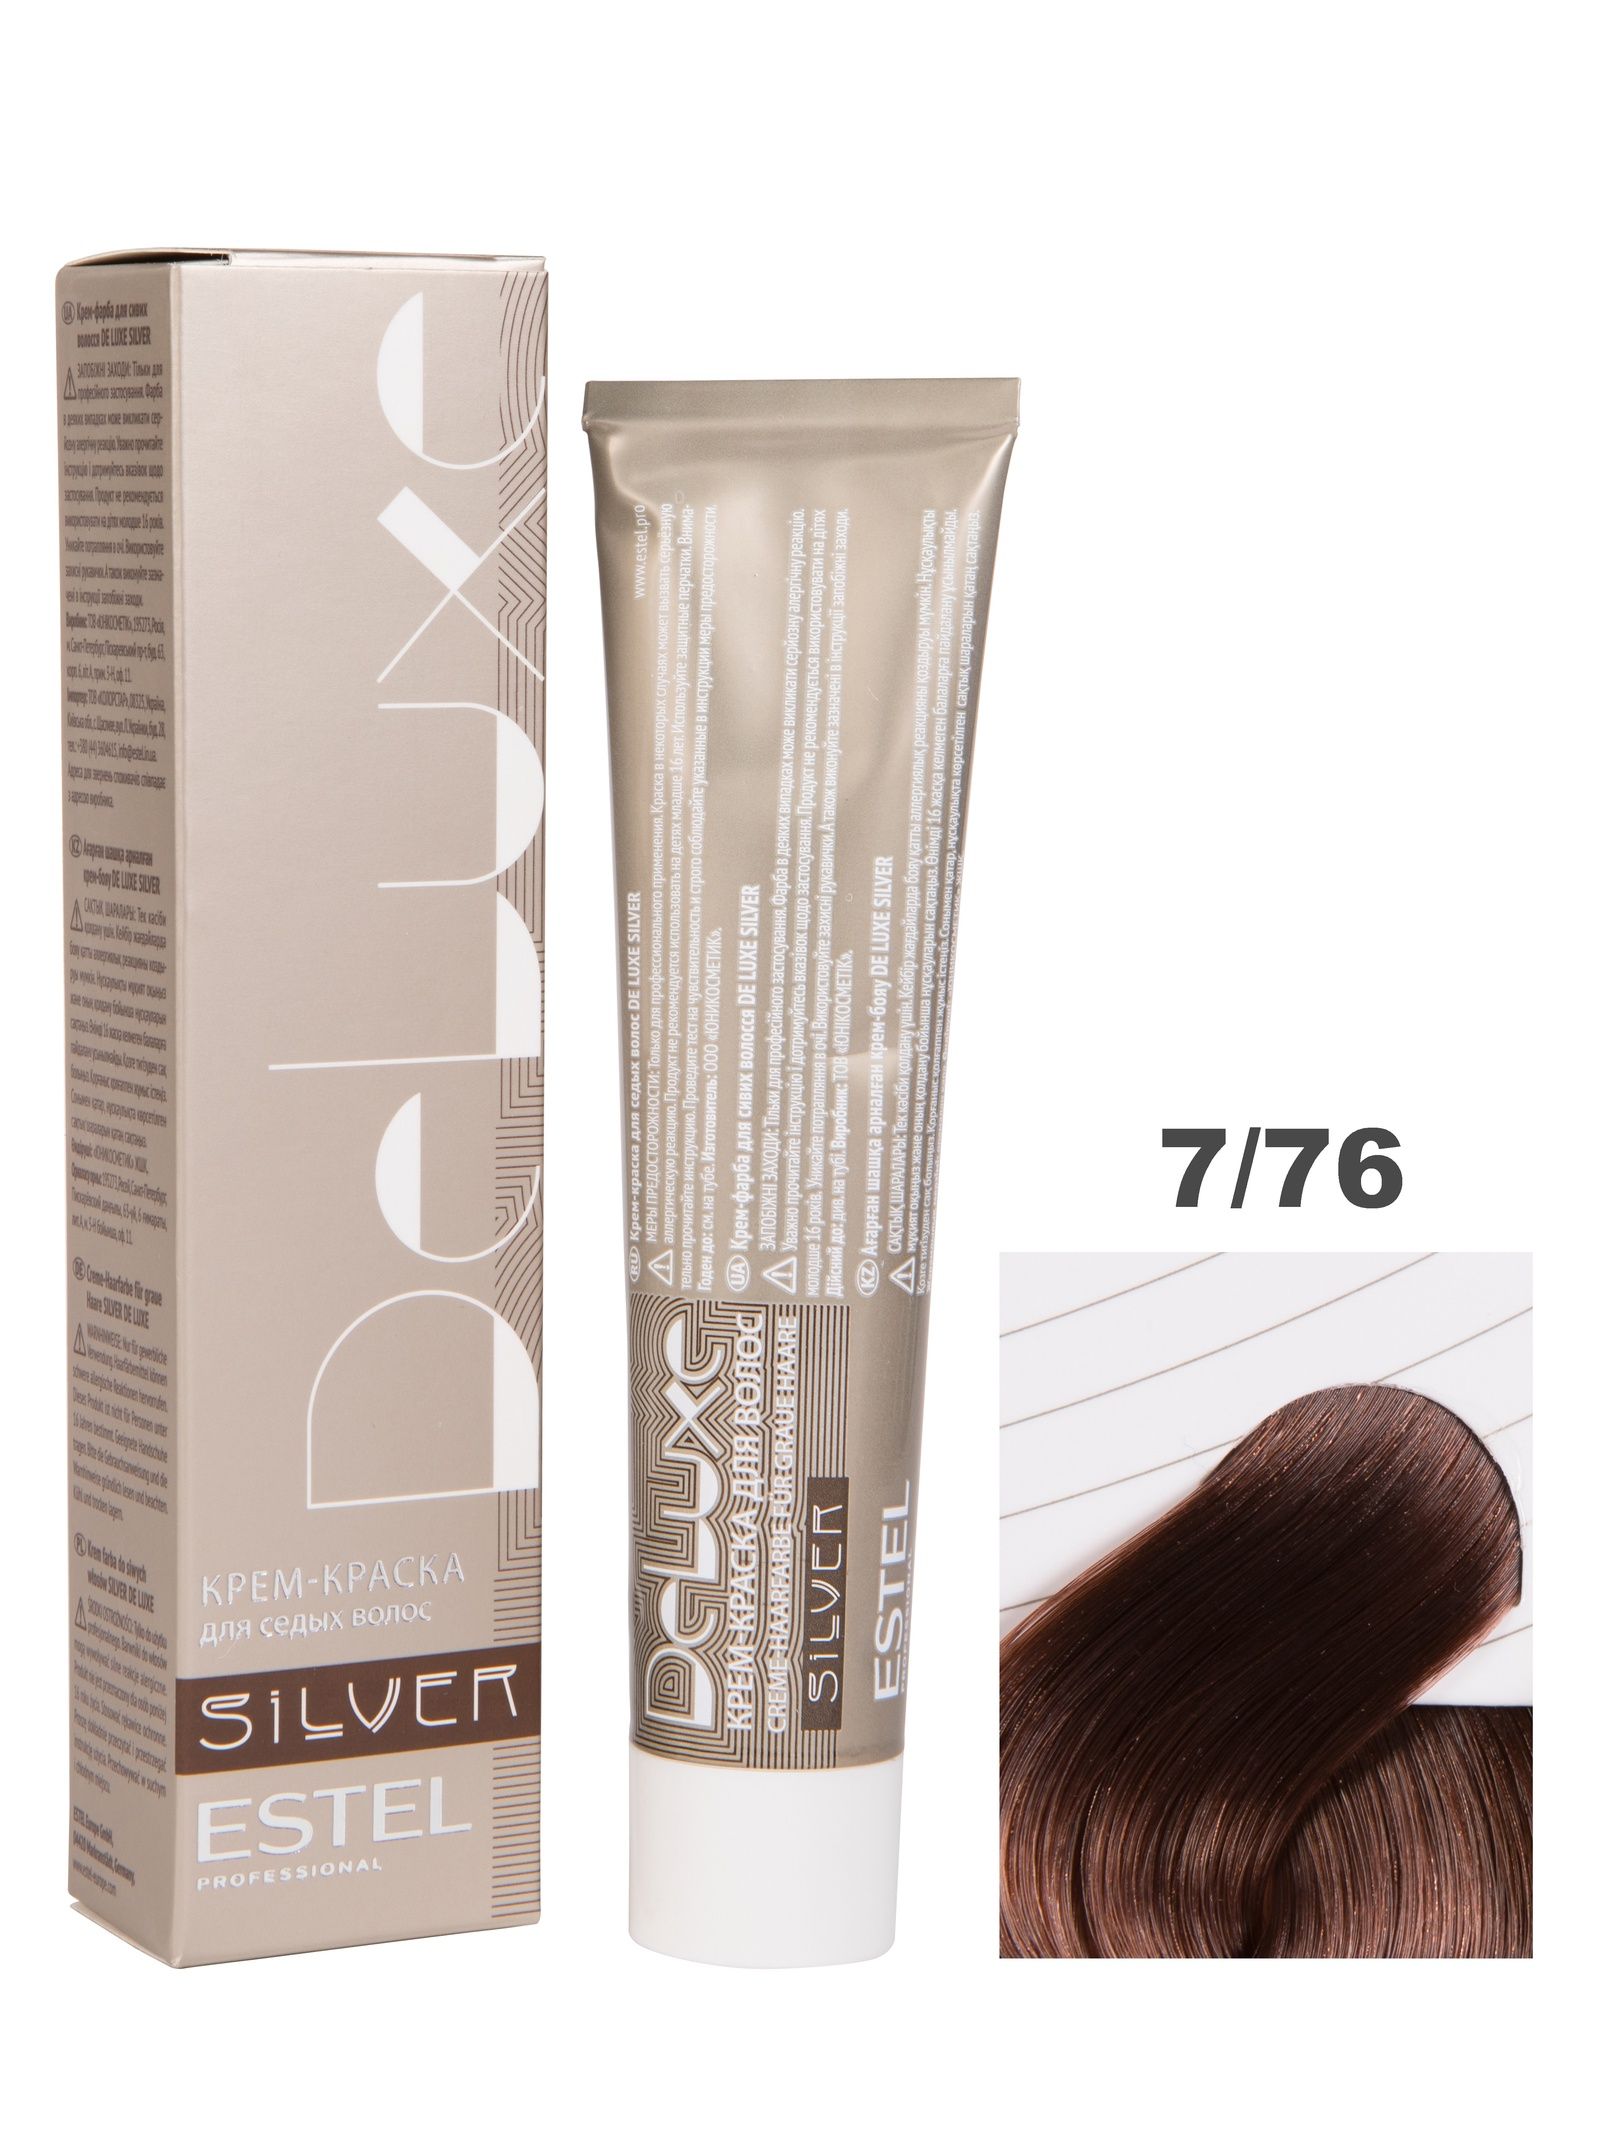 Краска-уход DE LUXE SILVER для окрашивания волос ESTEL PROFESSIONAL 7/76 русый коричнево-фиолетовый 60 мл estel крем краска 7 76 de luxe silver русый коричнево фиолетовый 60 мл